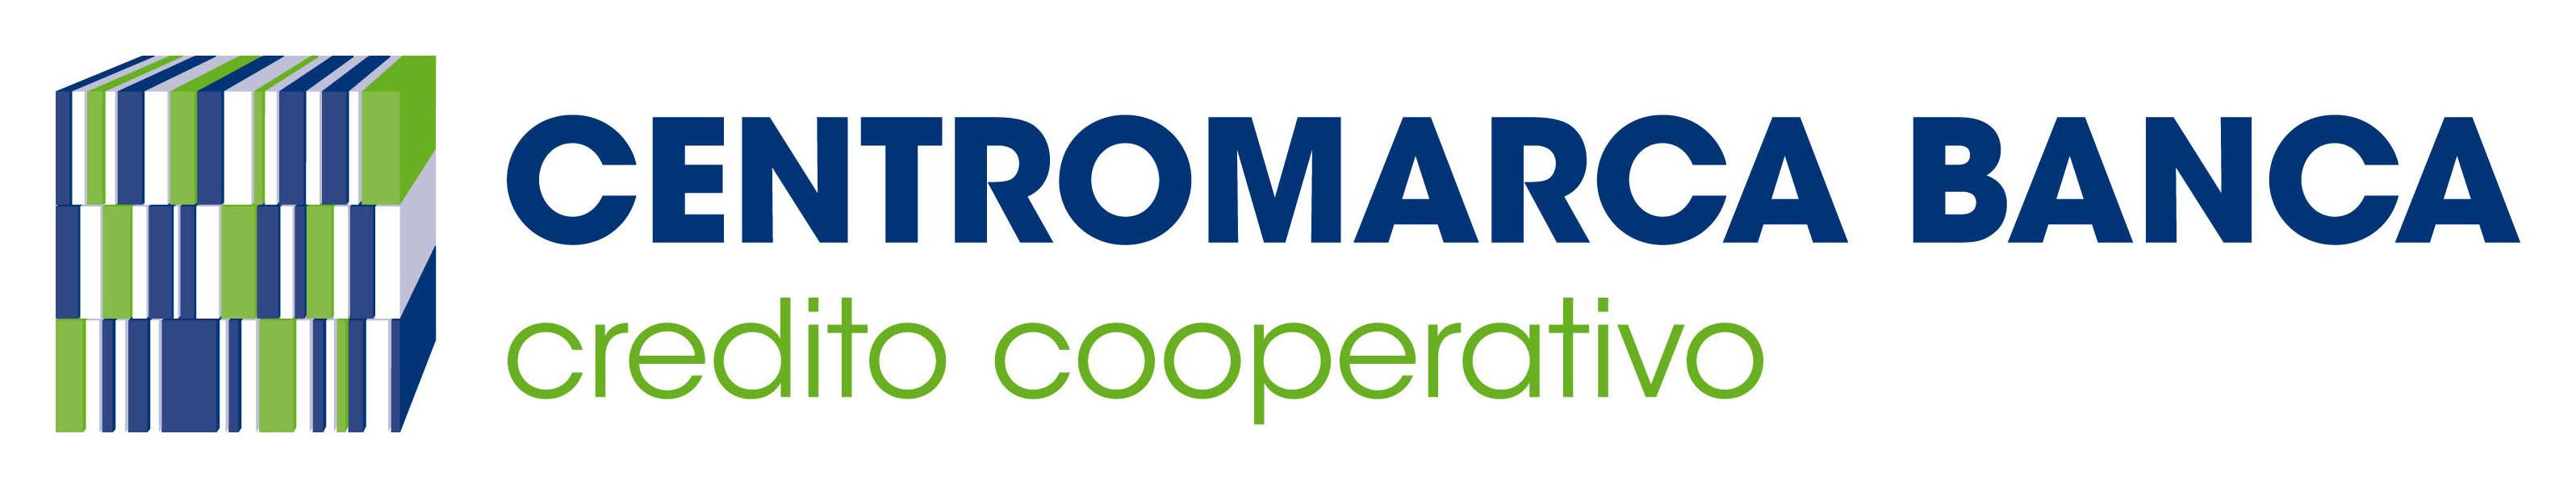 Centromarca Banca - credito cooperativo